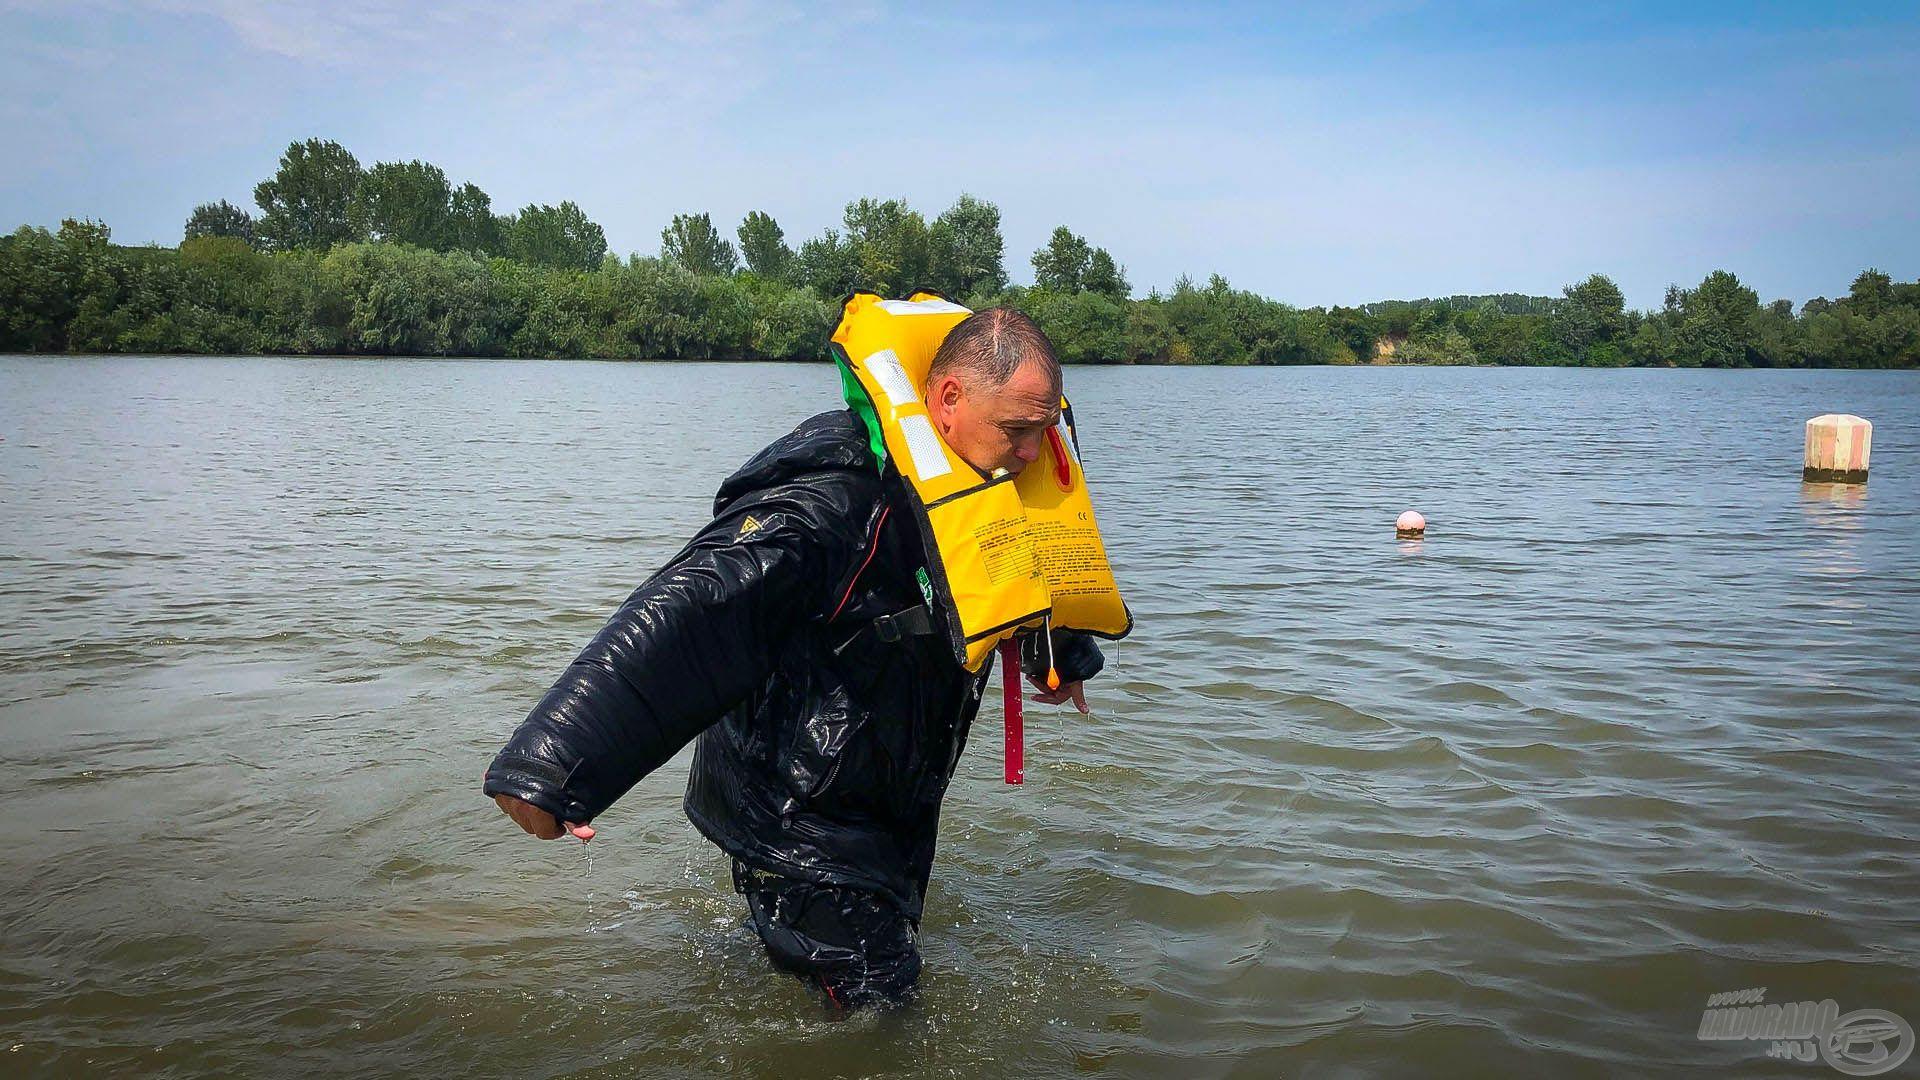 Mint egy birodalmi lépegető, ólomlábakon mászom partra a 30 kg túlsúlynyi vízzel